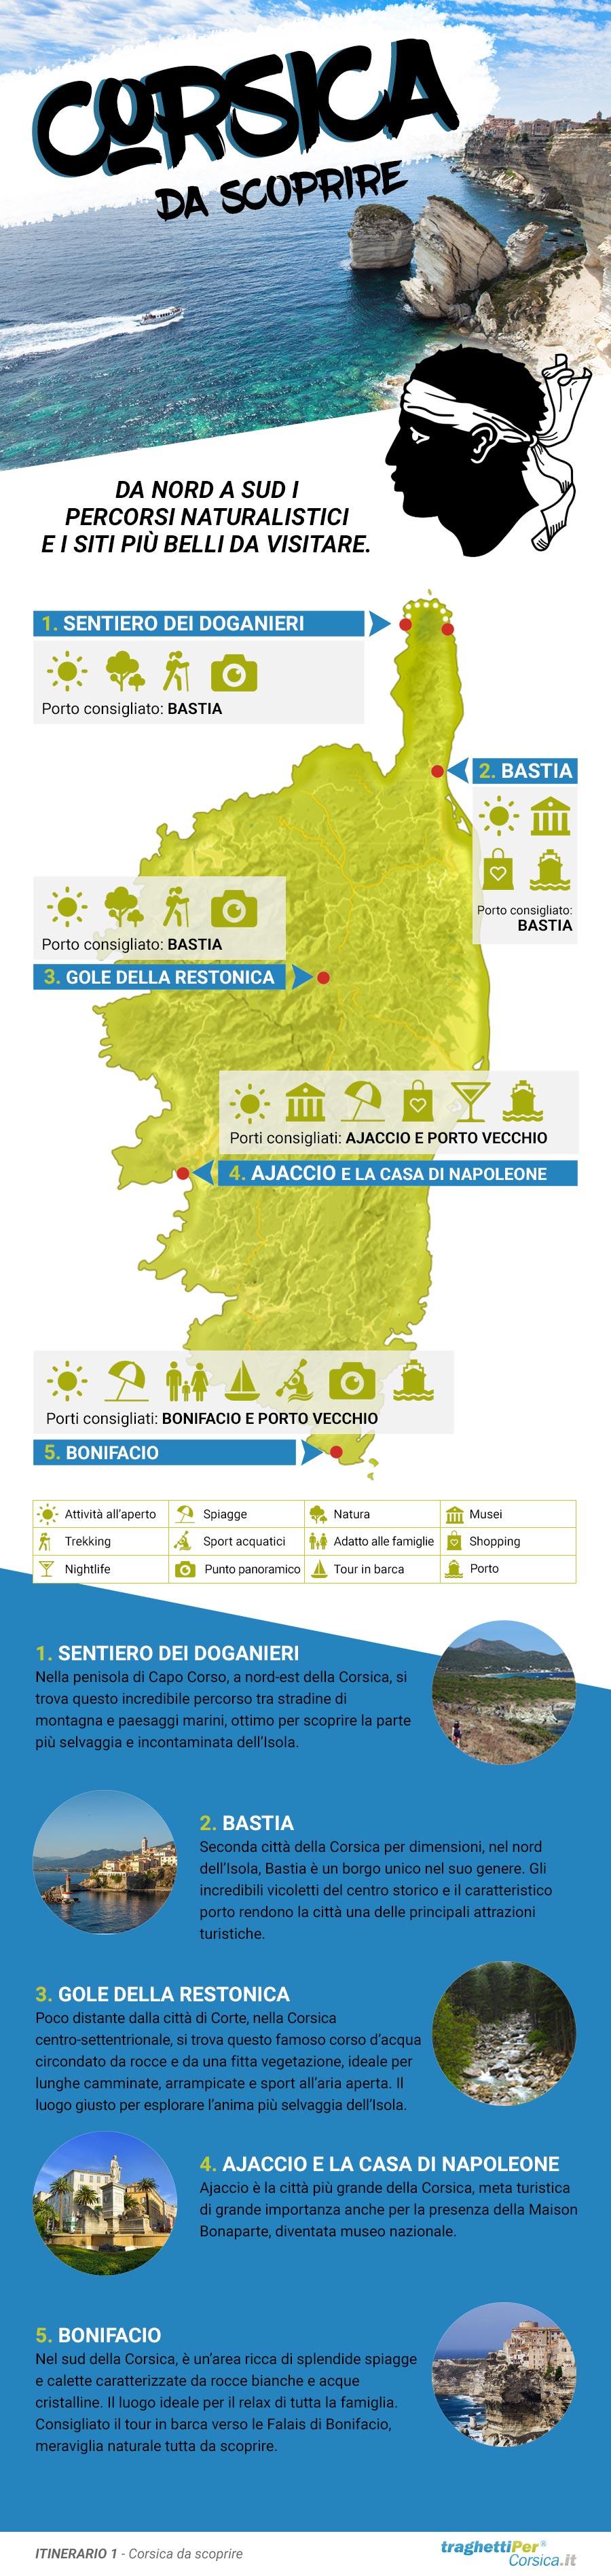 20170214_traghetti_proposta_infografica_corsica